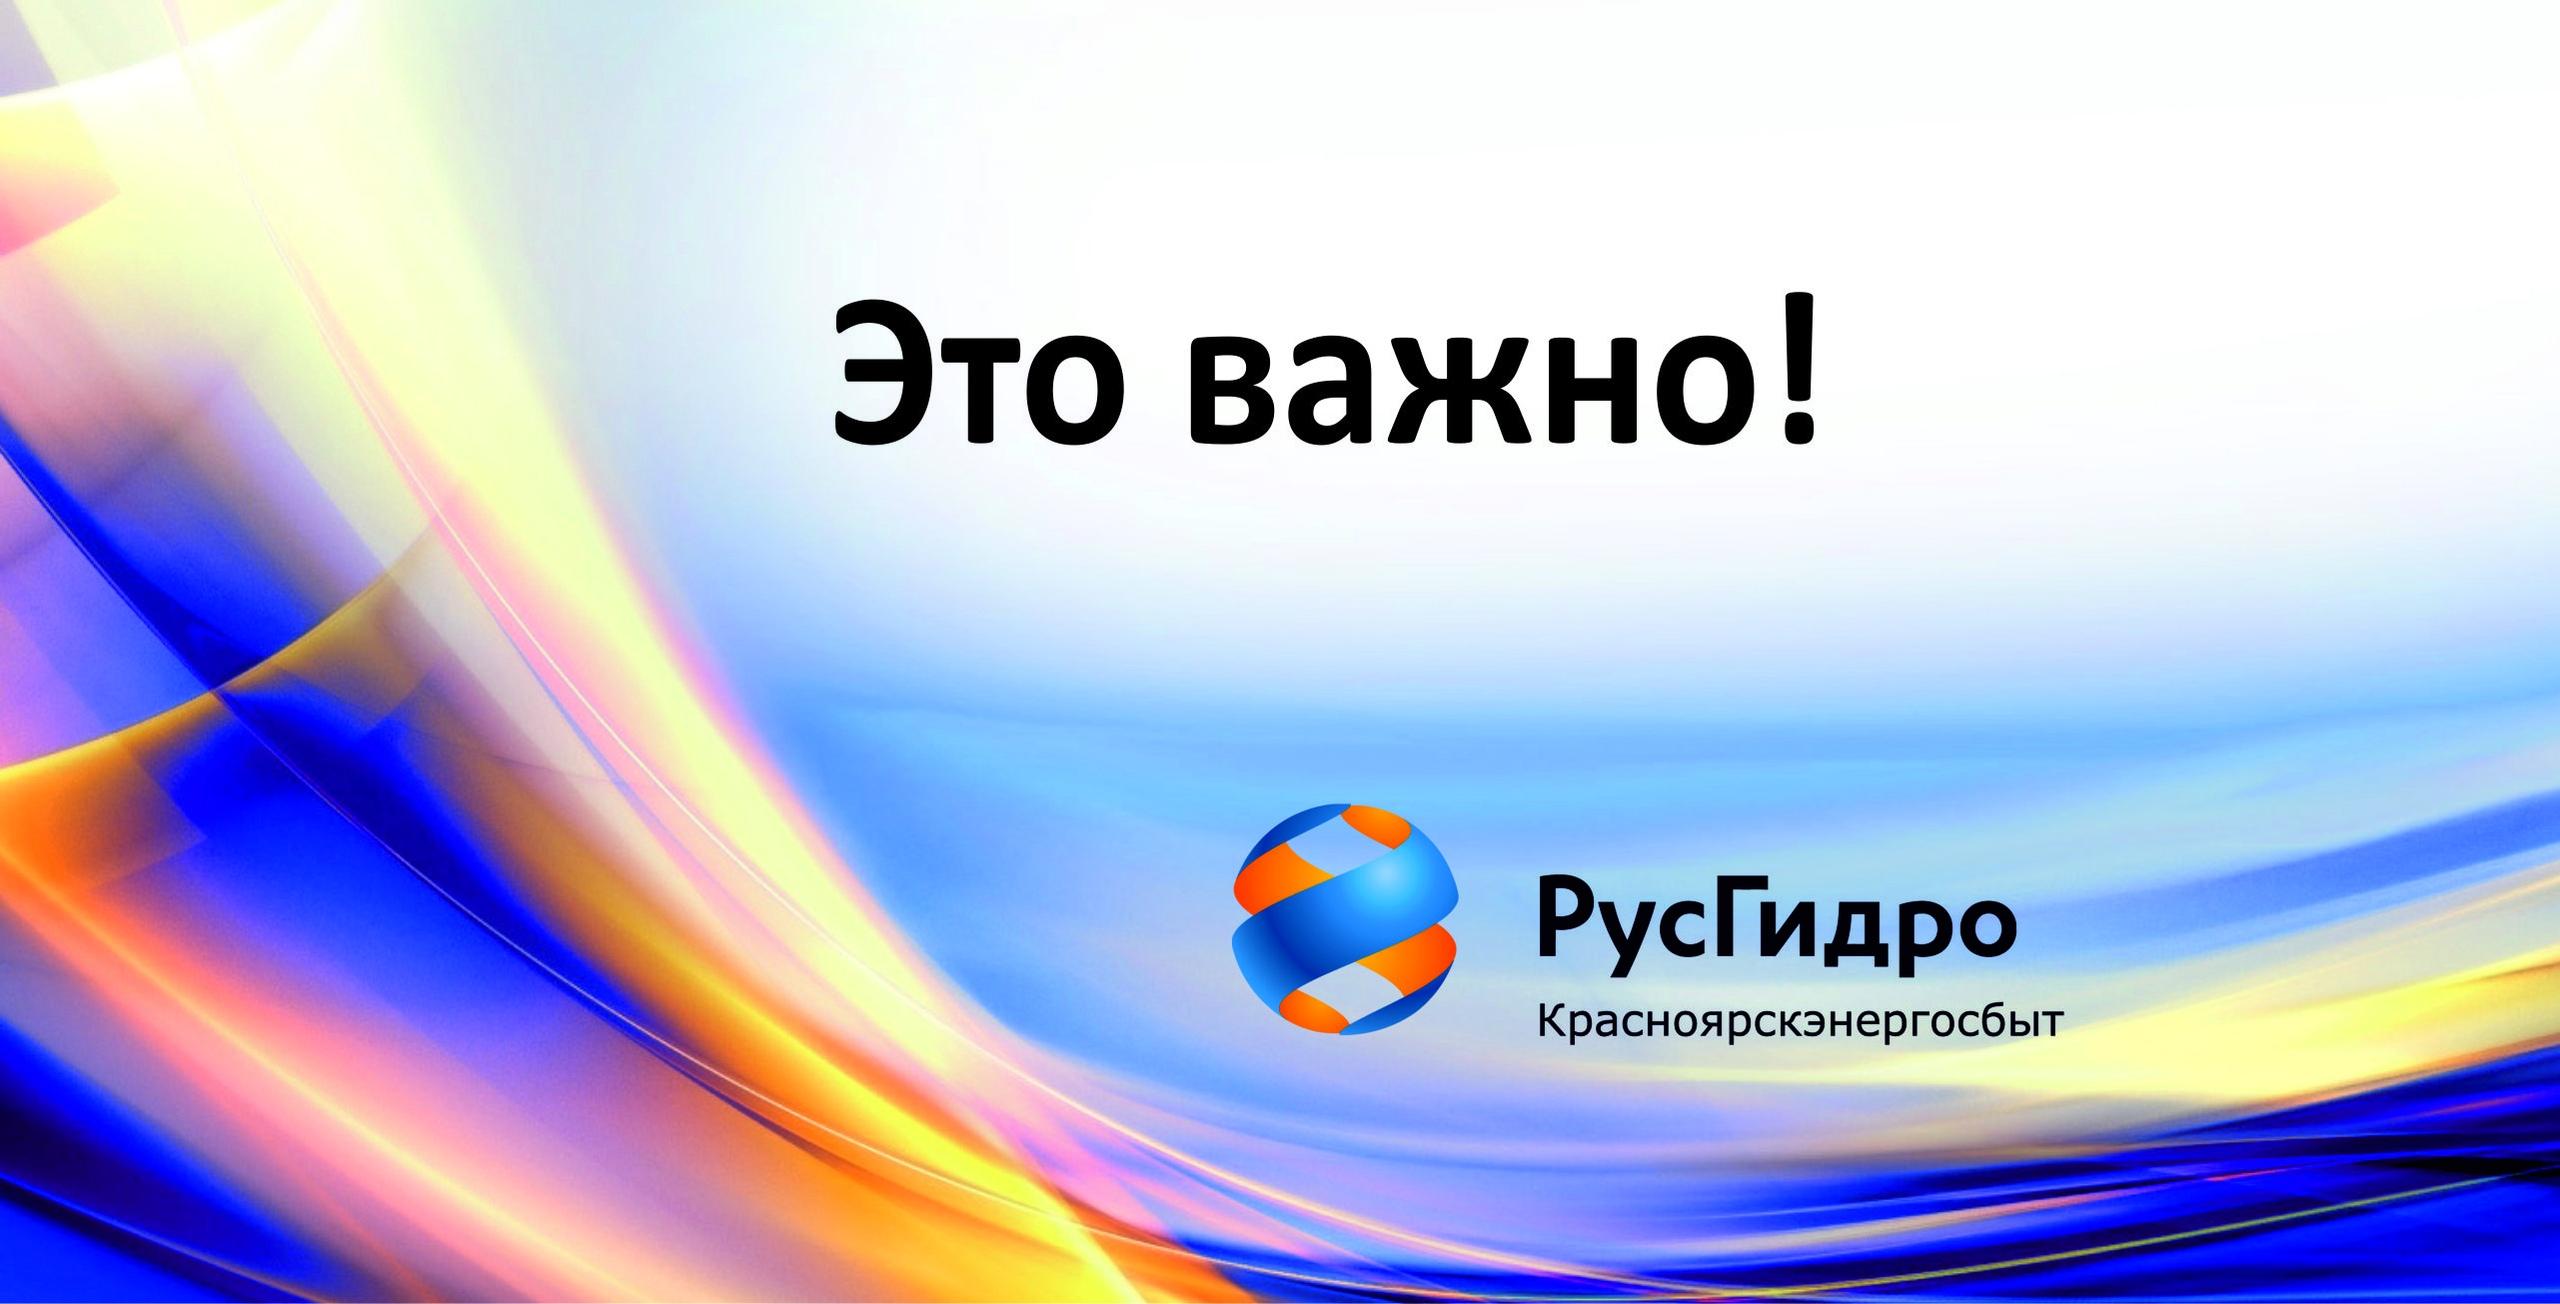 Передача показаний через Viber набирает популярность у клиентов Красноярскэнергосбыта